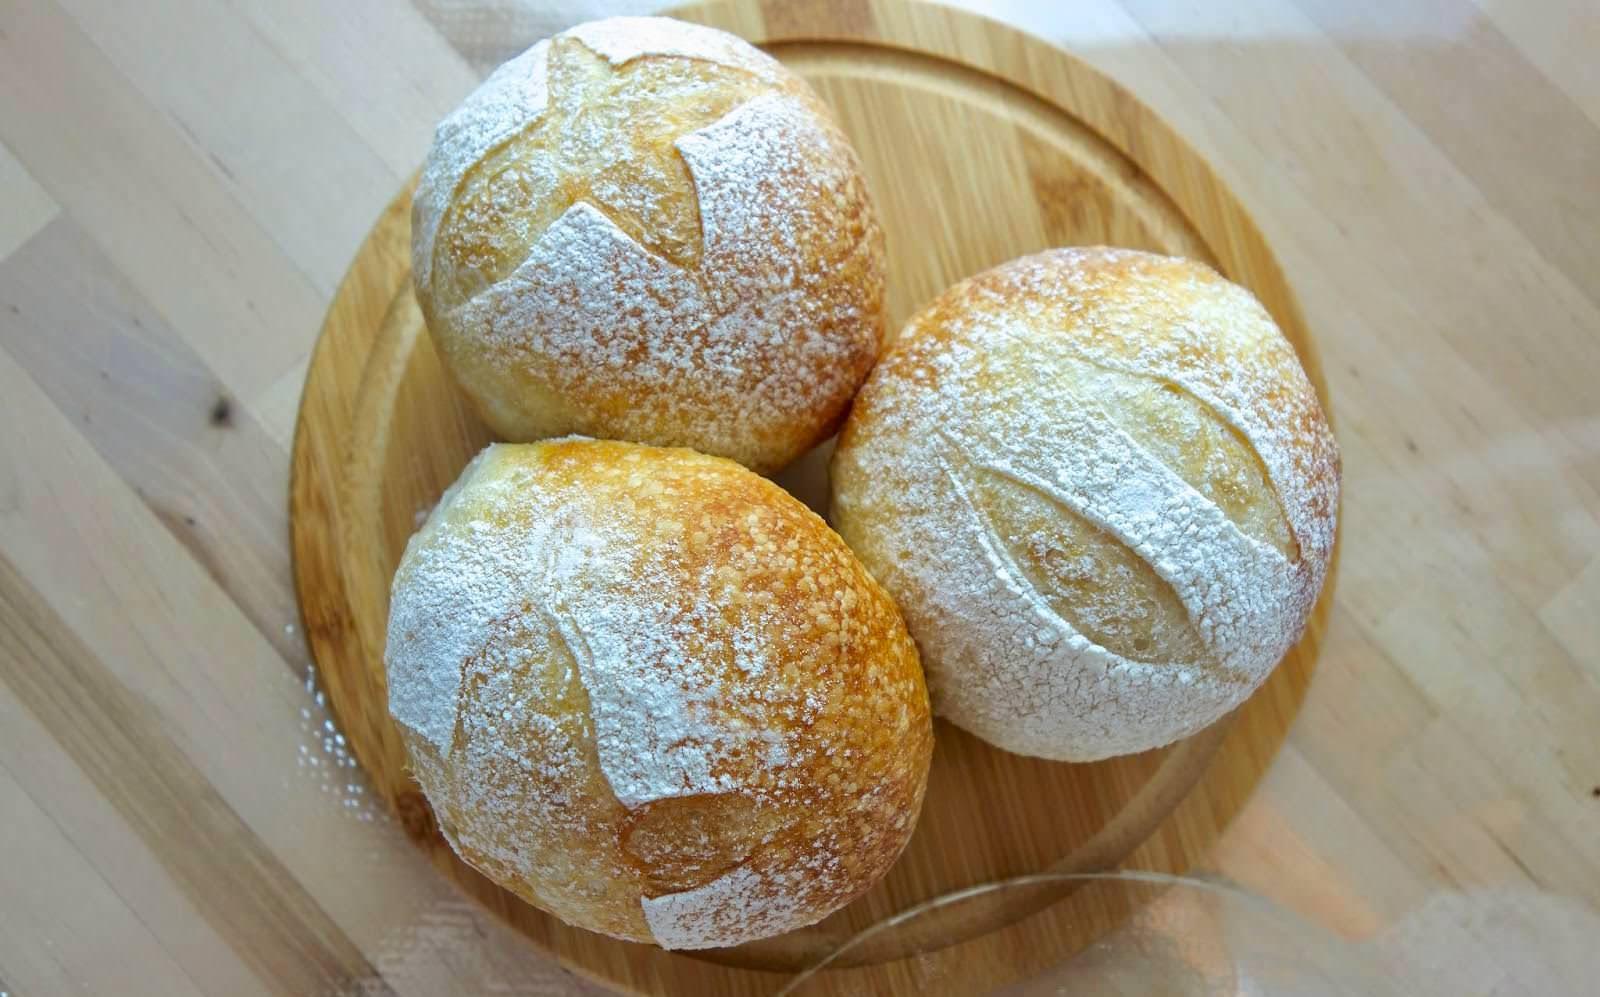 做歐式麵包一點都不難!免揉麵團的基礎歐式麵包做法,5分鐘教你學會